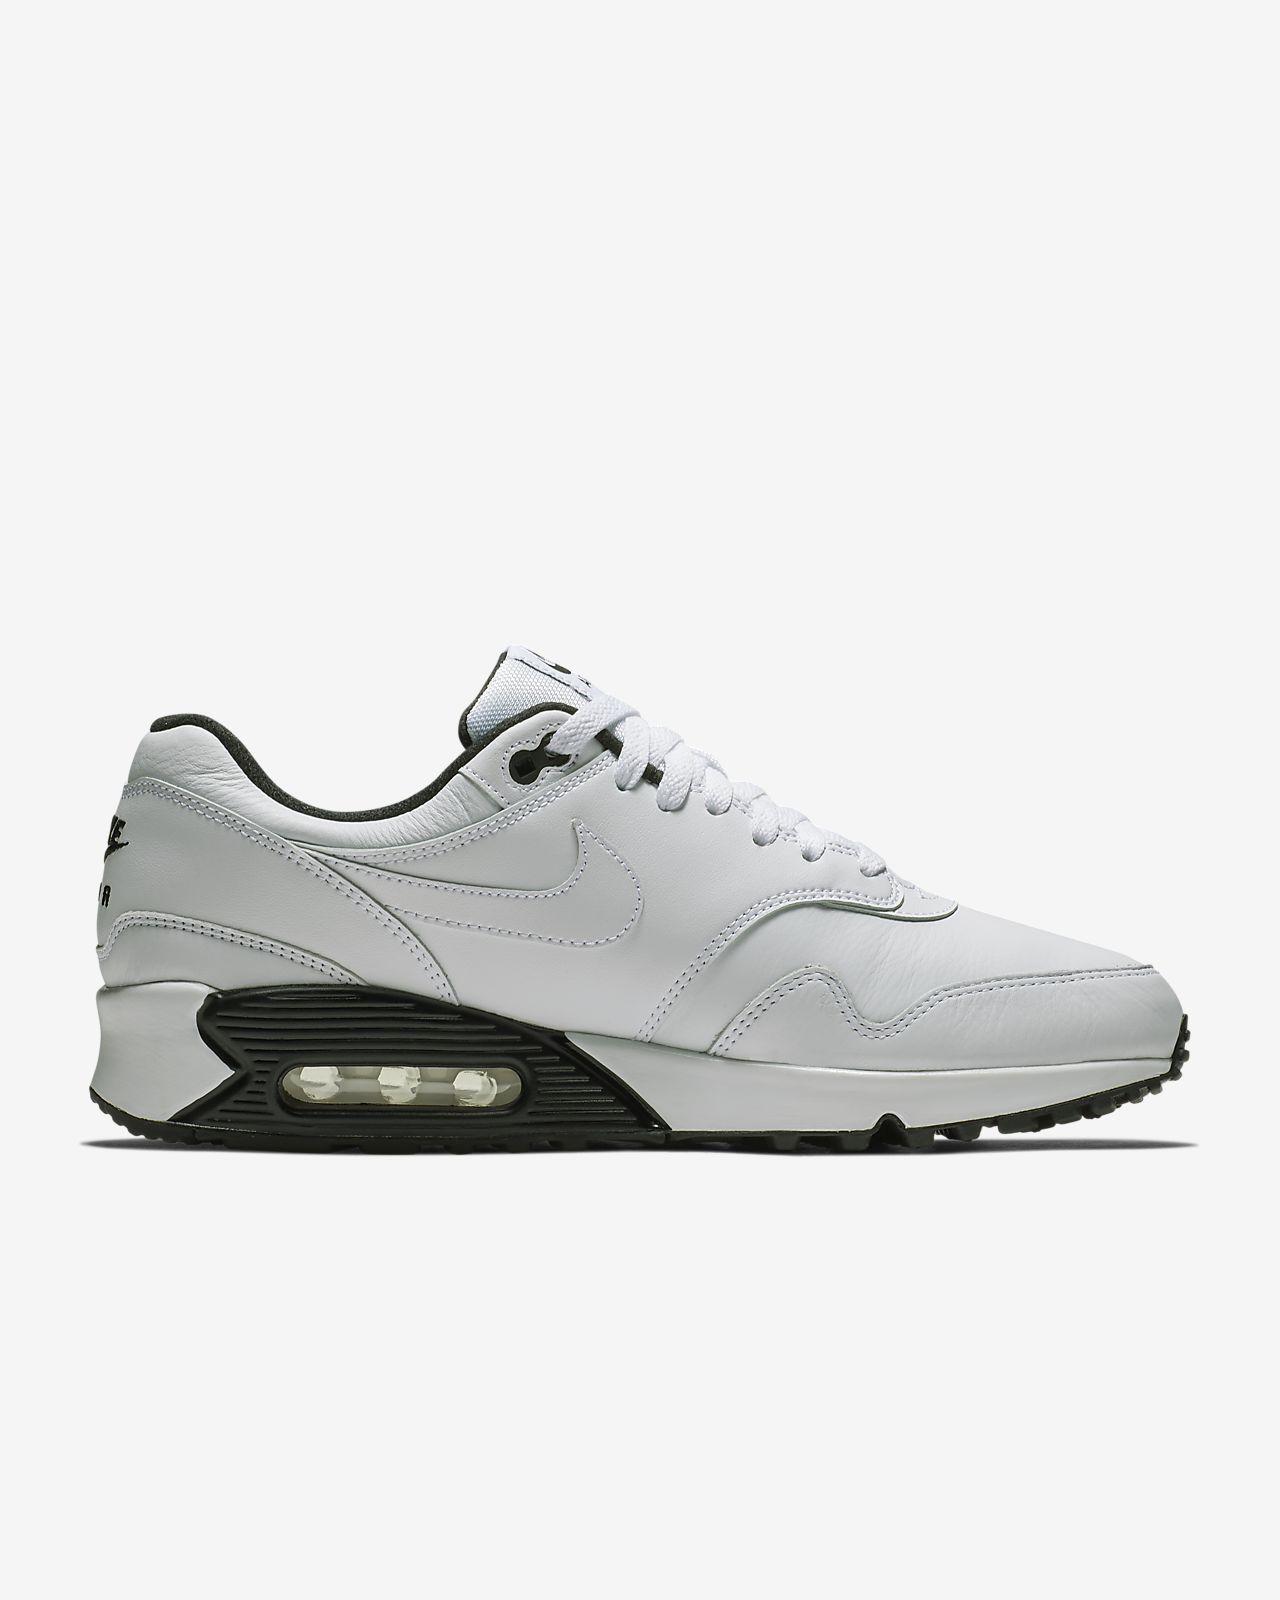 71374ae8b43 ... czech calzado para hombre nike air max 90 1 4028d bfdfc